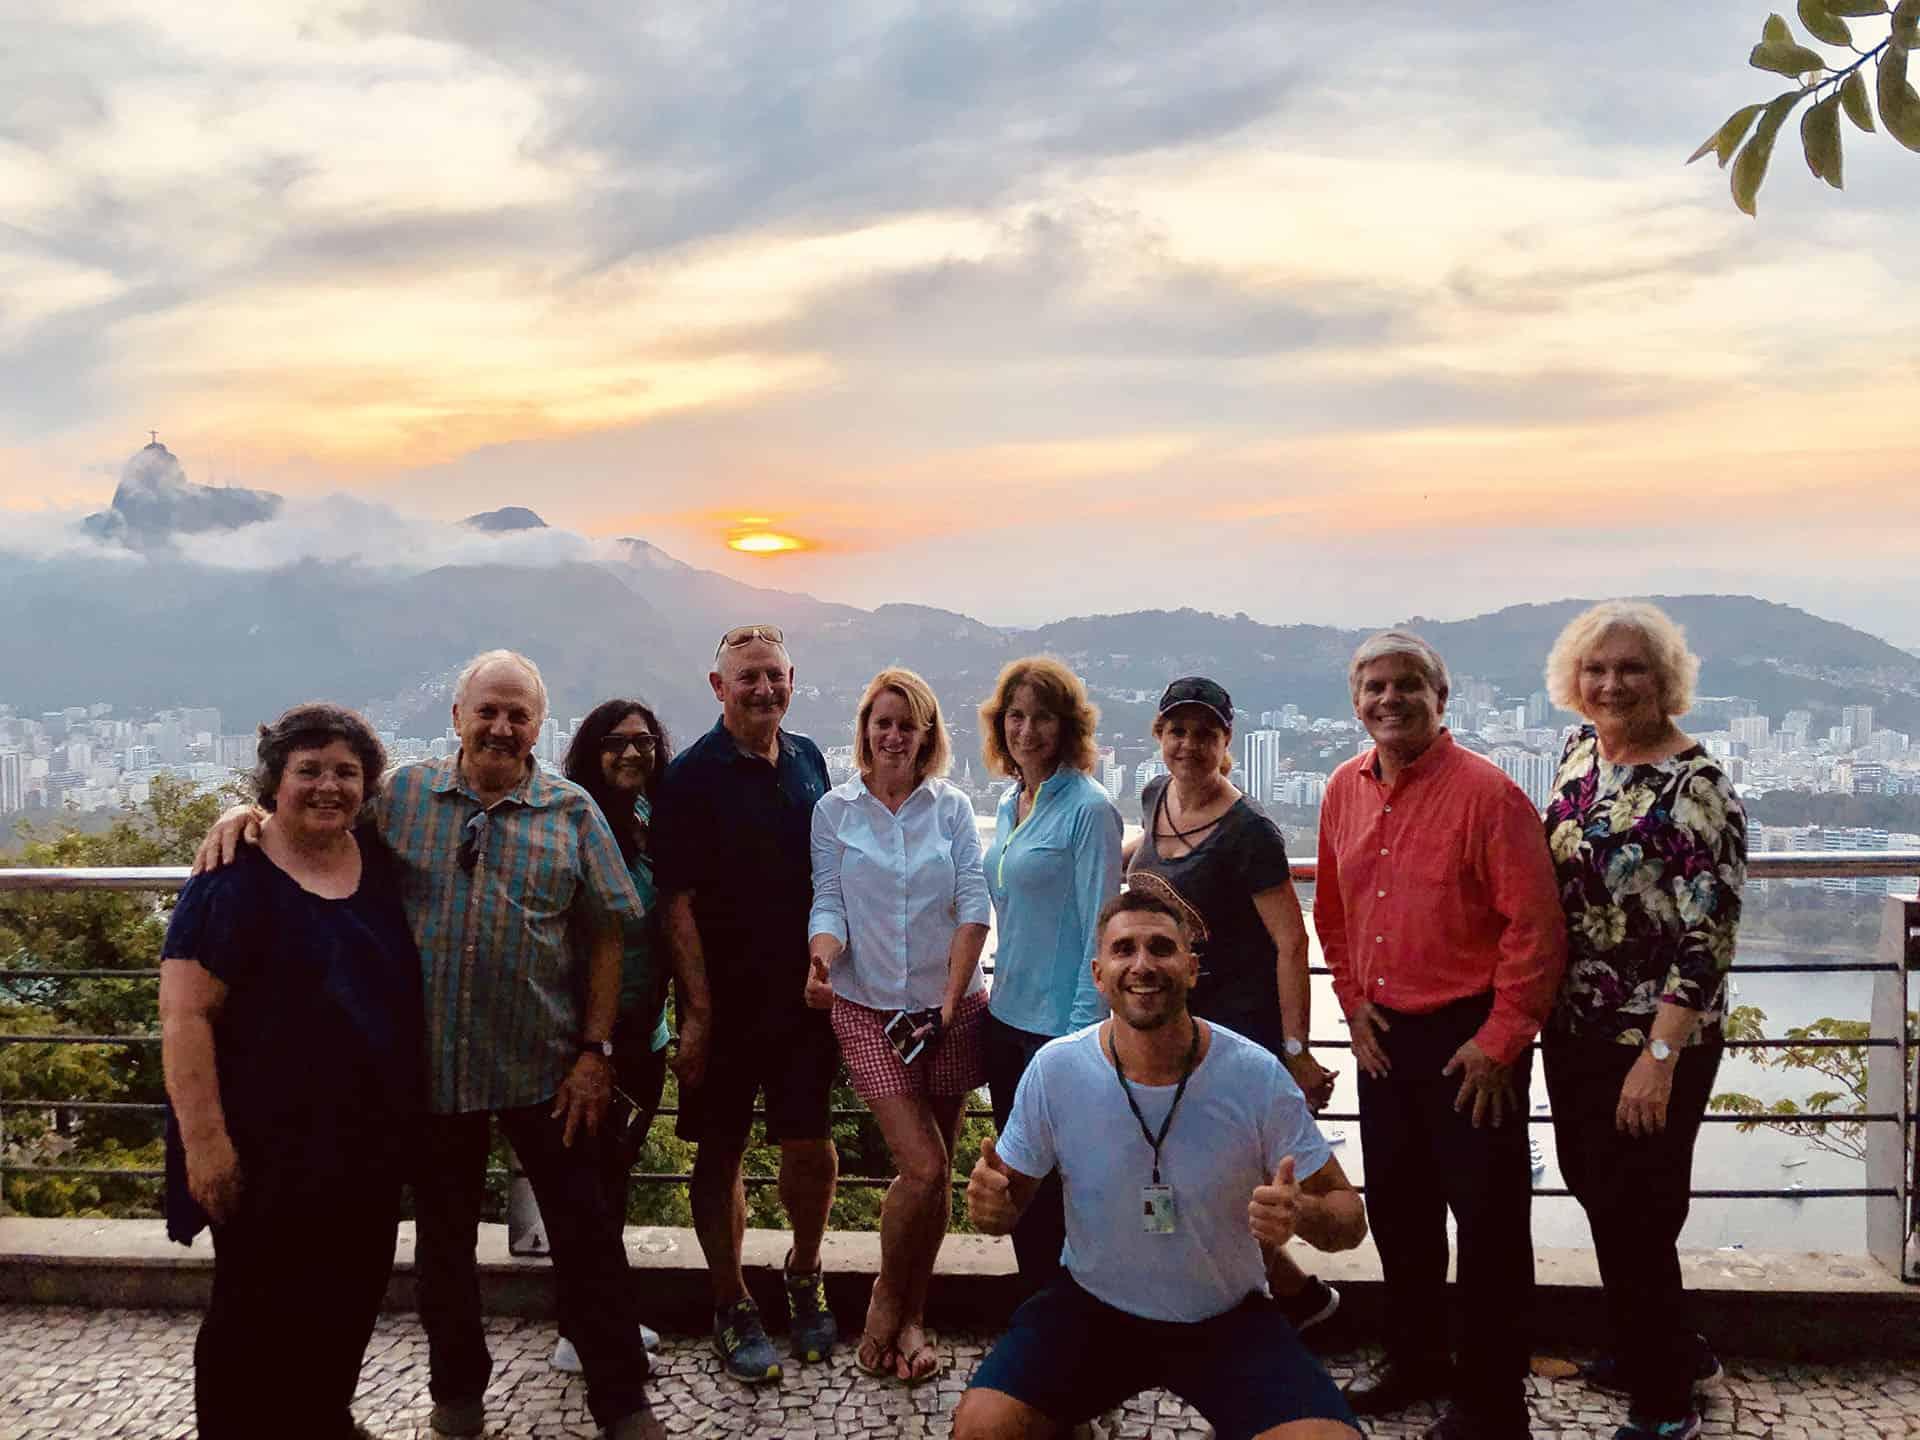 sugarloaf mountain tour